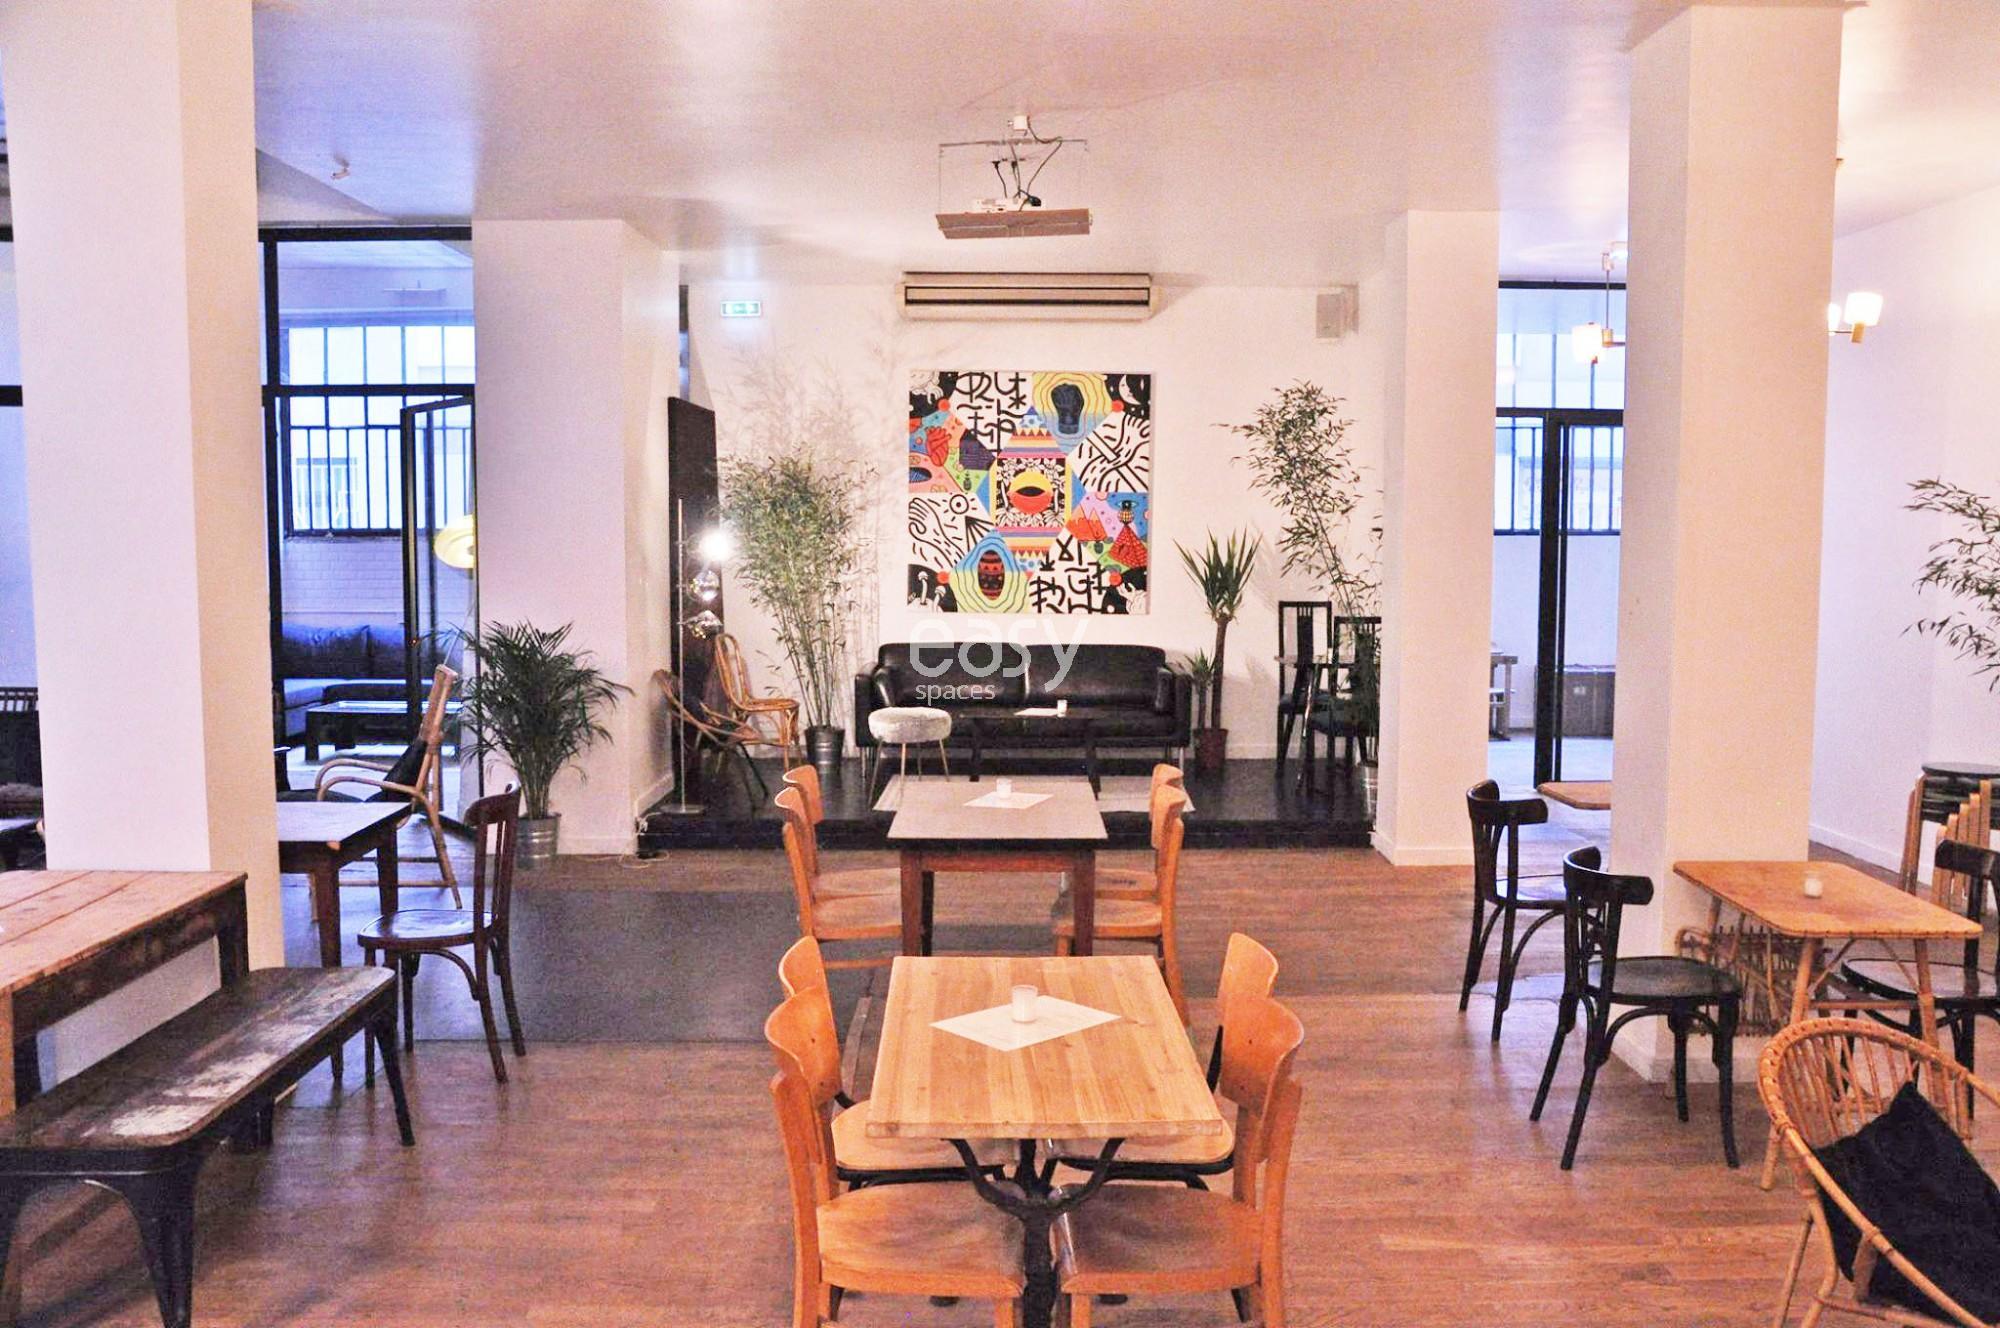 espace atypique shooting tournage v nementiel paris lieux. Black Bedroom Furniture Sets. Home Design Ideas